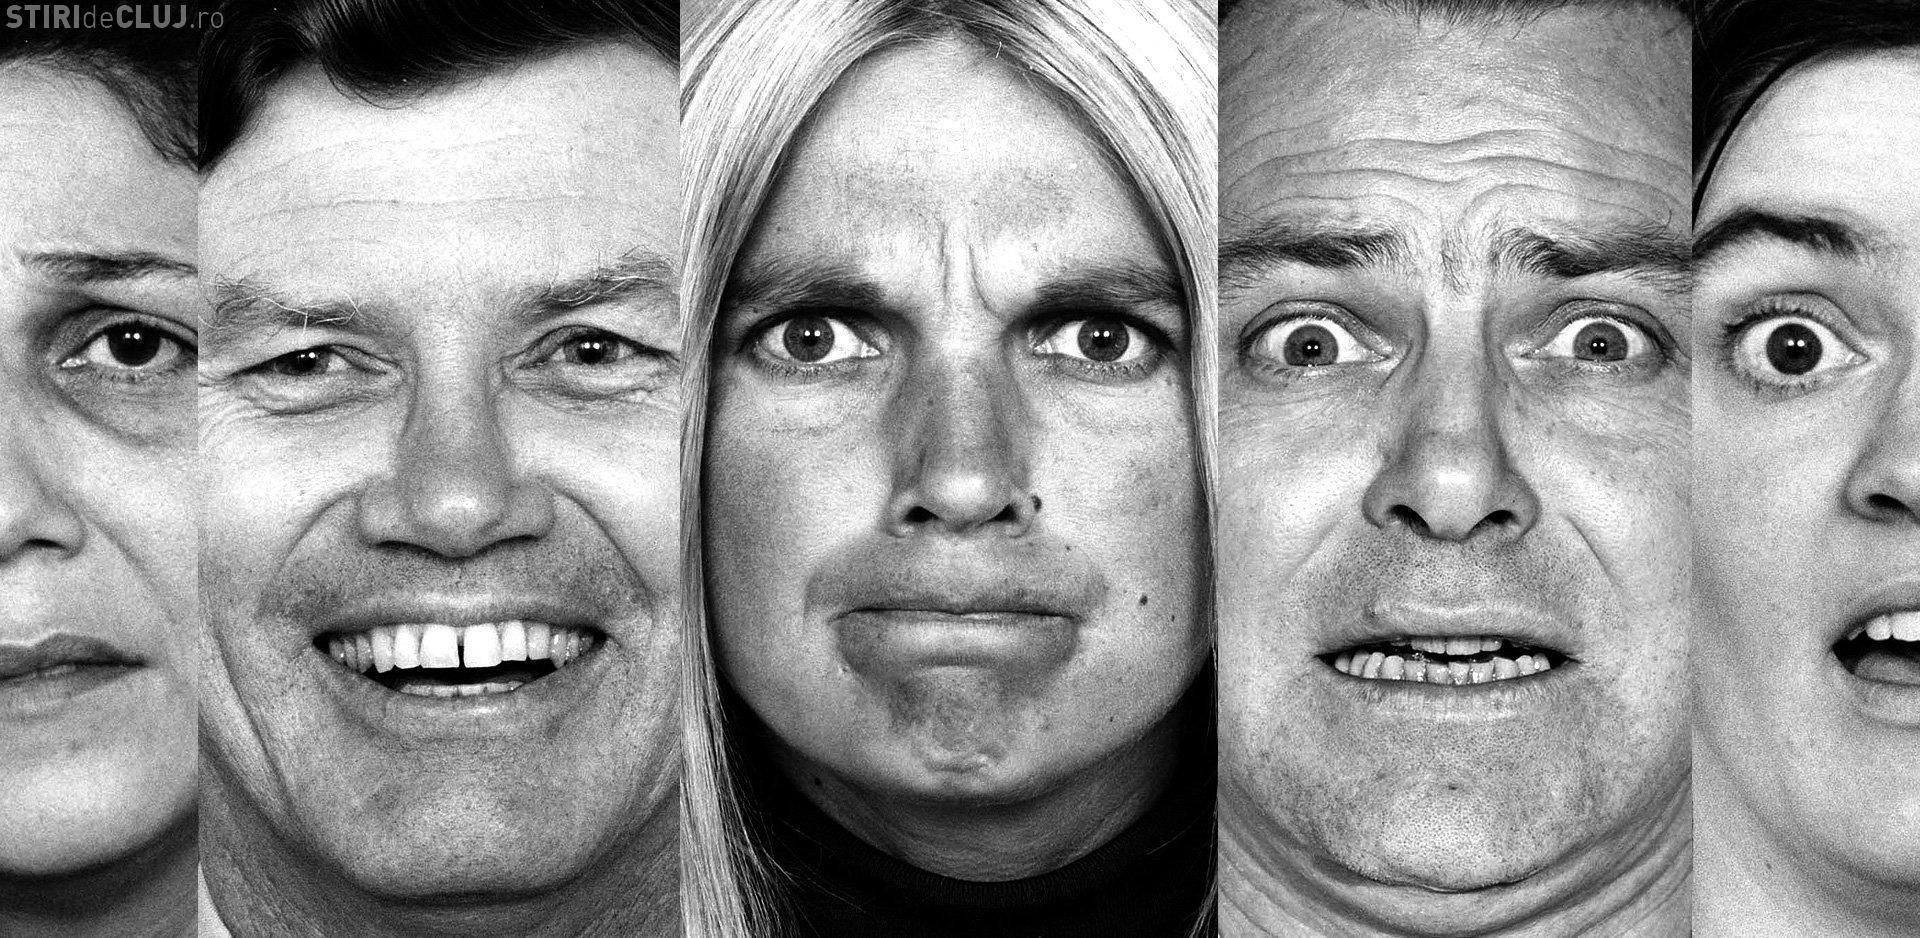 Emoțiile pot provoca boli grave! Care sunt cele 5 emoții ce ne pot afecta